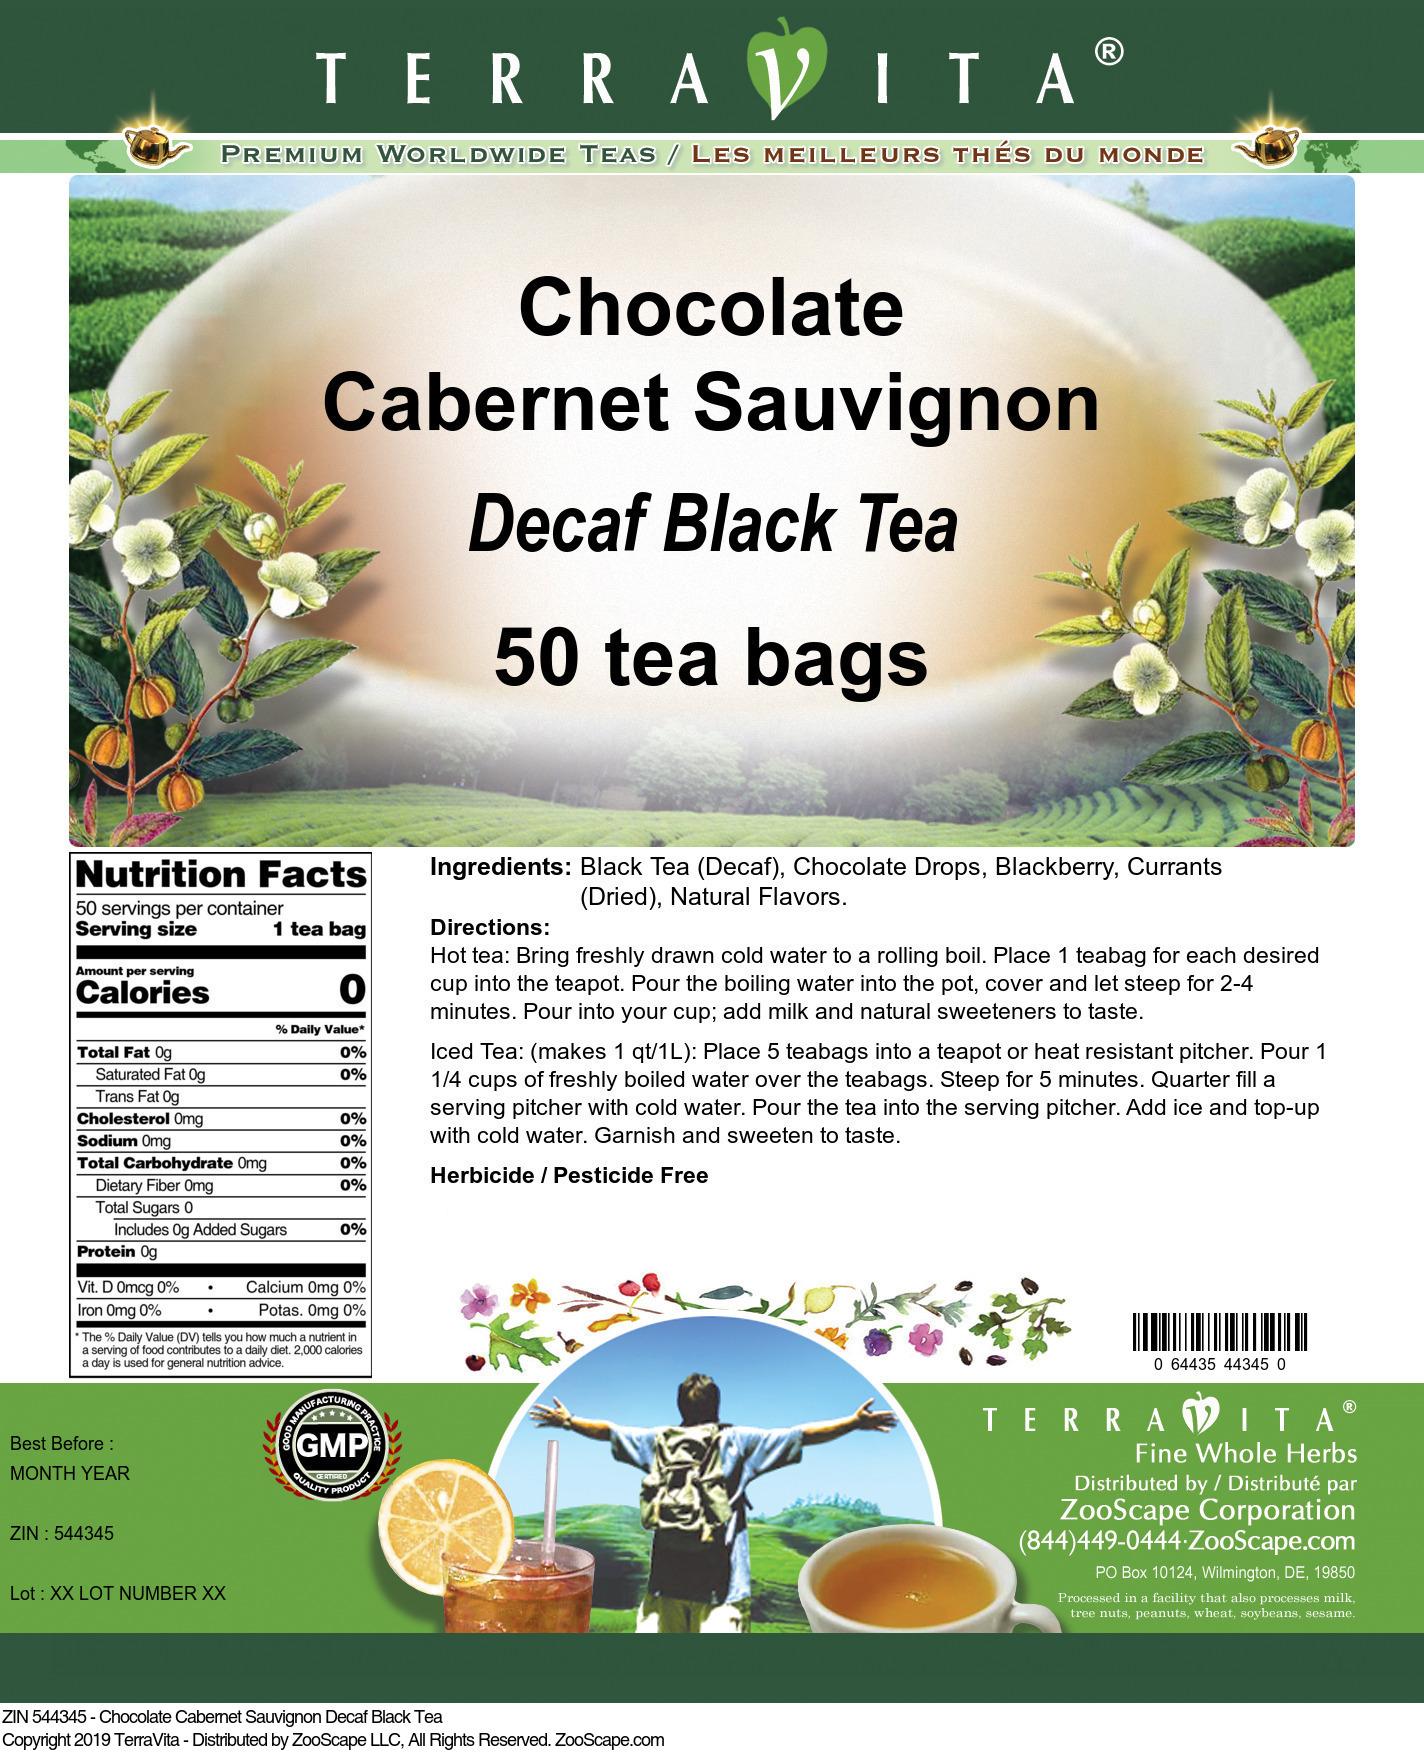 Chocolate Cabernet Sauvignon Decaf Black Tea